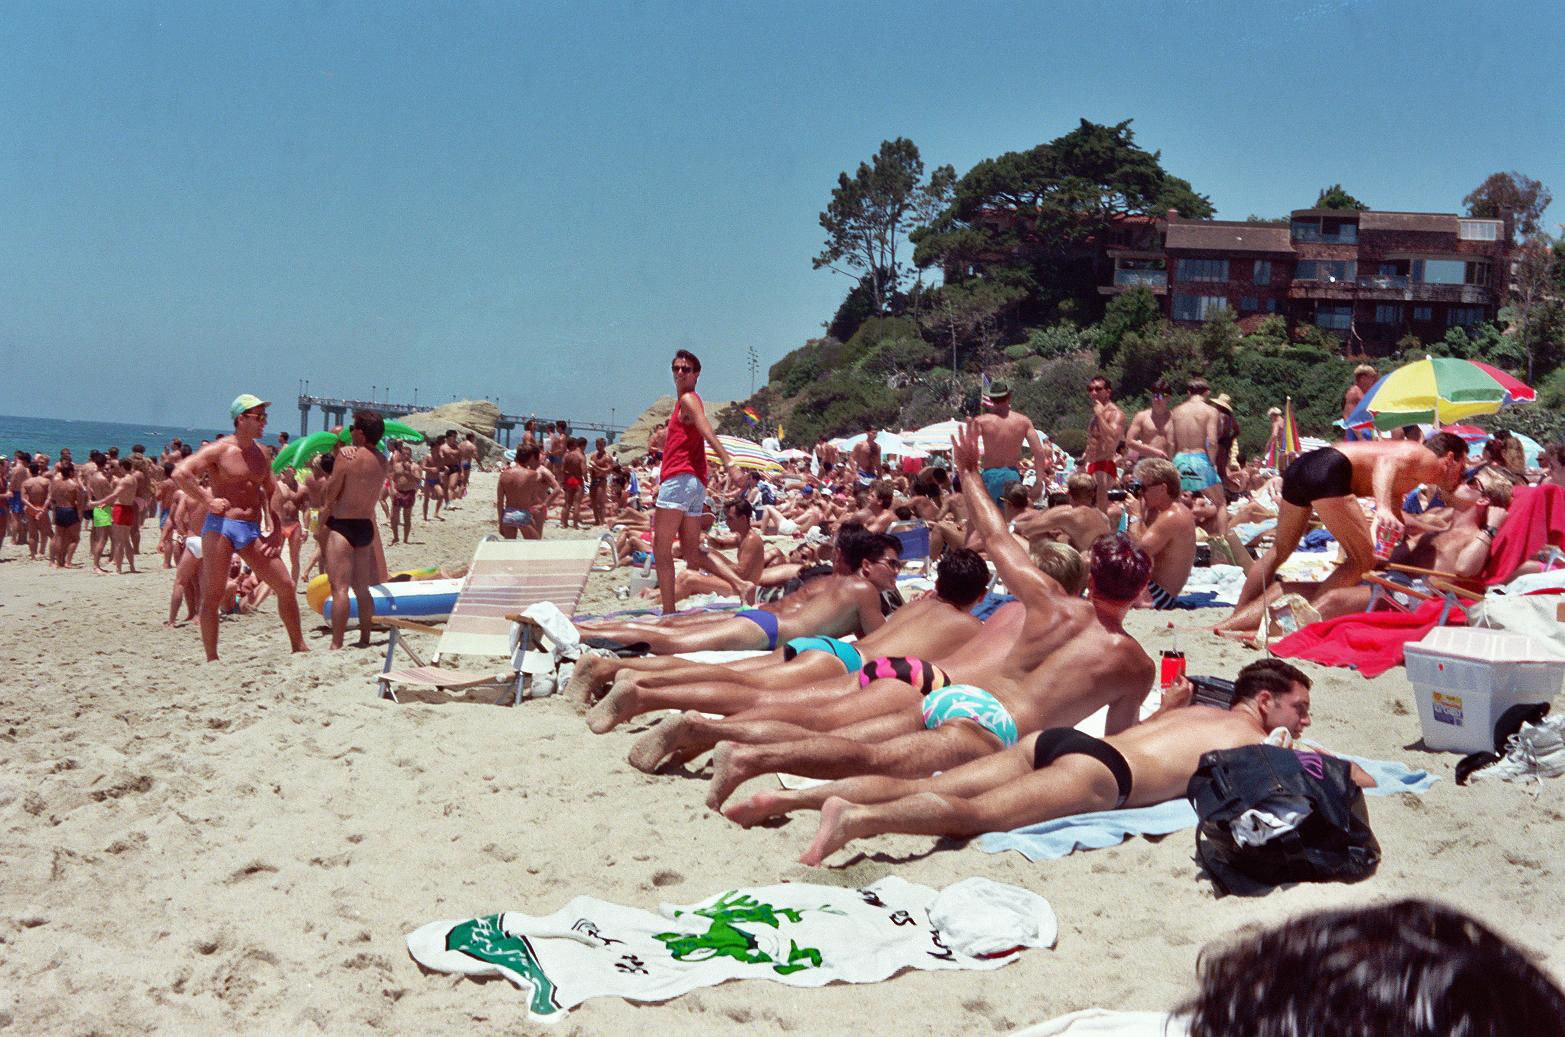 laguna-beach_3554526117_o